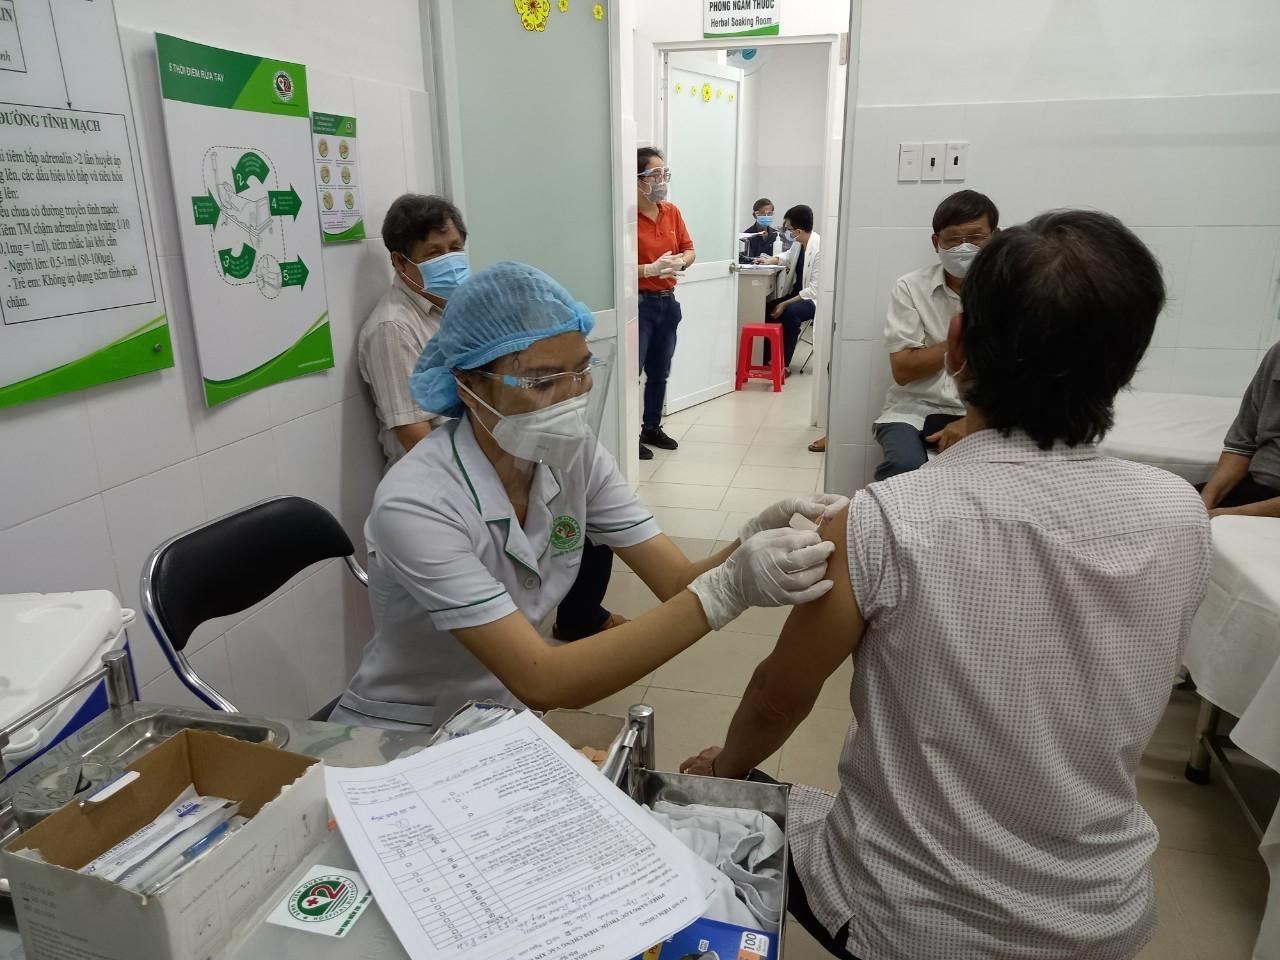 8 dấu hiệu chỉ điểm sau tiêm vắc xin Covid-19 bị phản vệ được chuyên gia khuyến cáo - Ảnh 1.